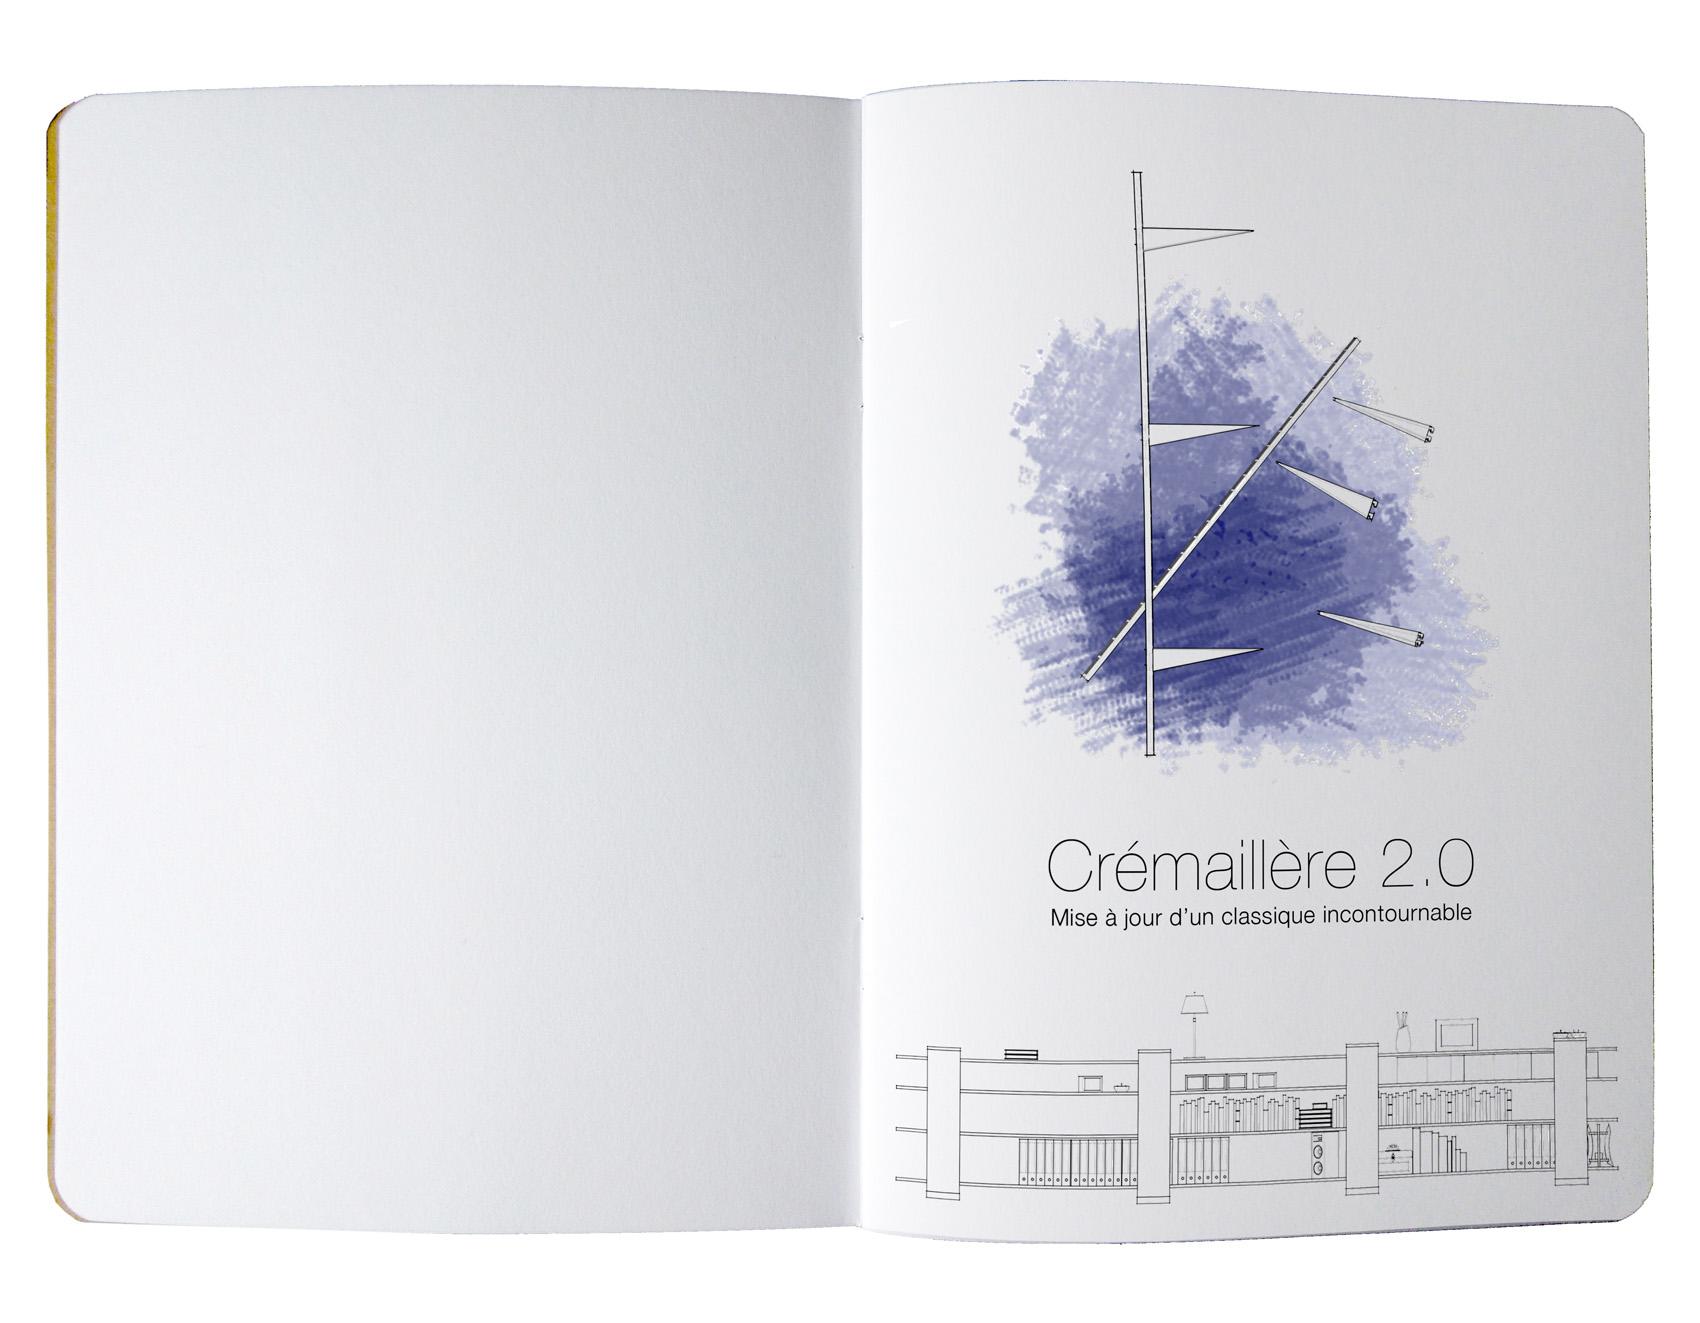 arkendai-crémaillère-1700-introduction-